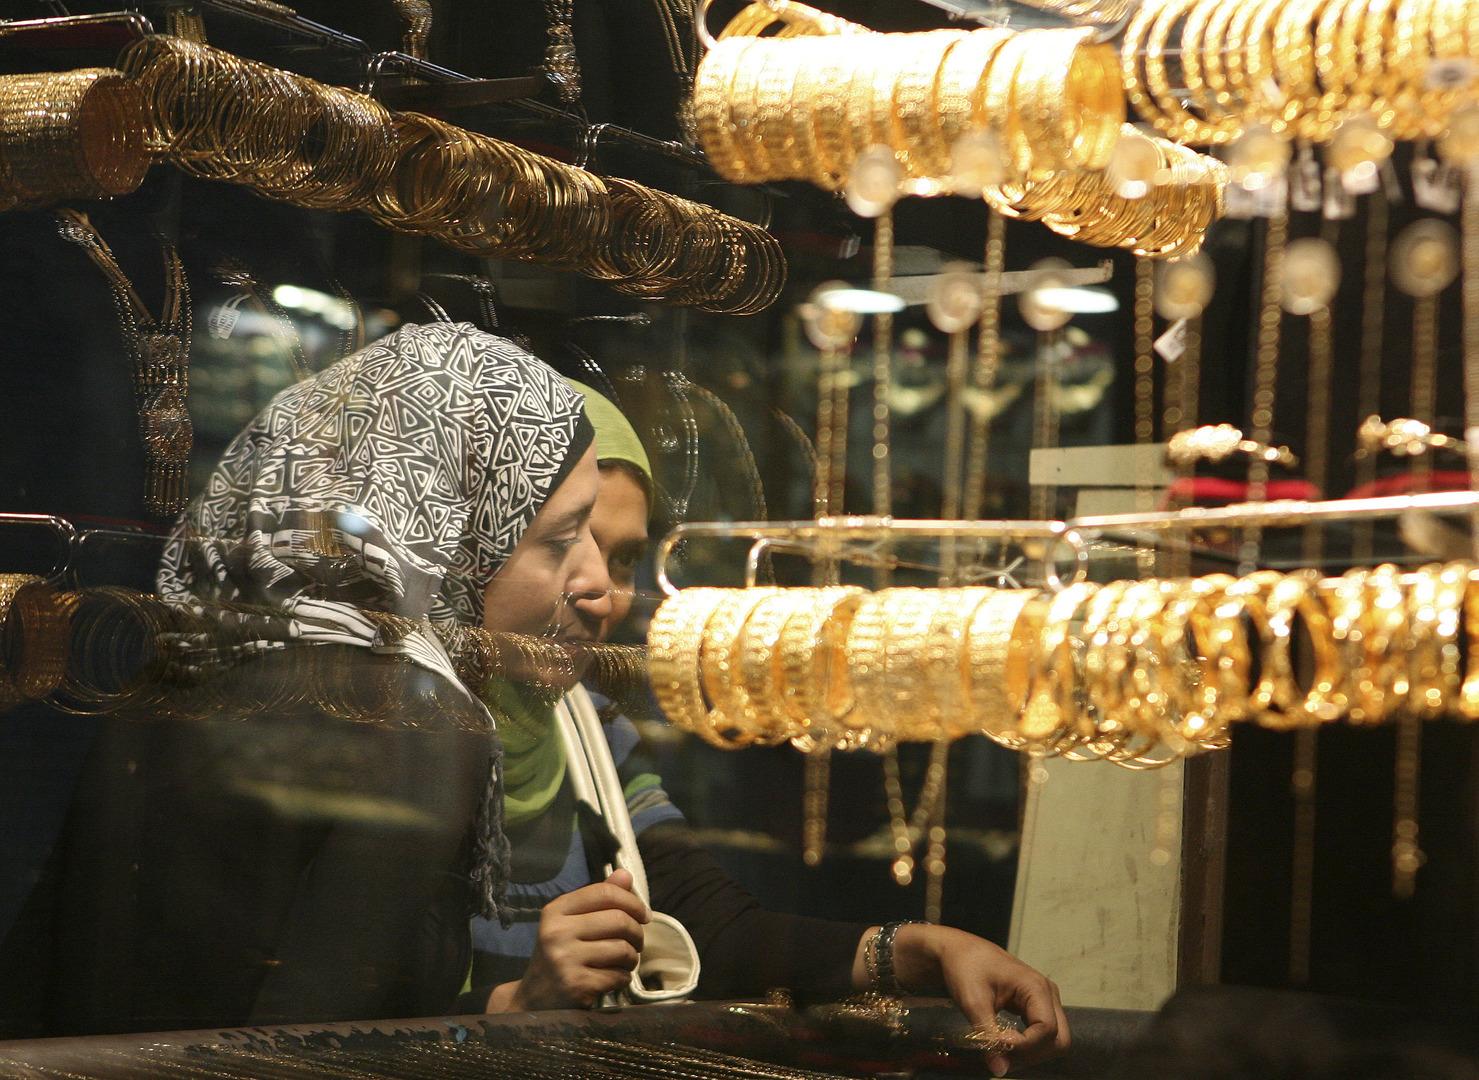 هبوط كبير في أسعار الذهب بمصر